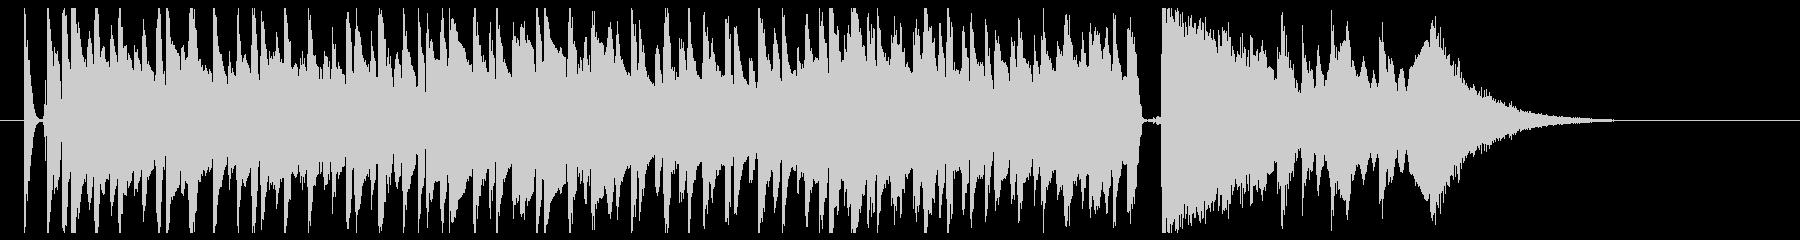 30秒のブルースの未再生の波形